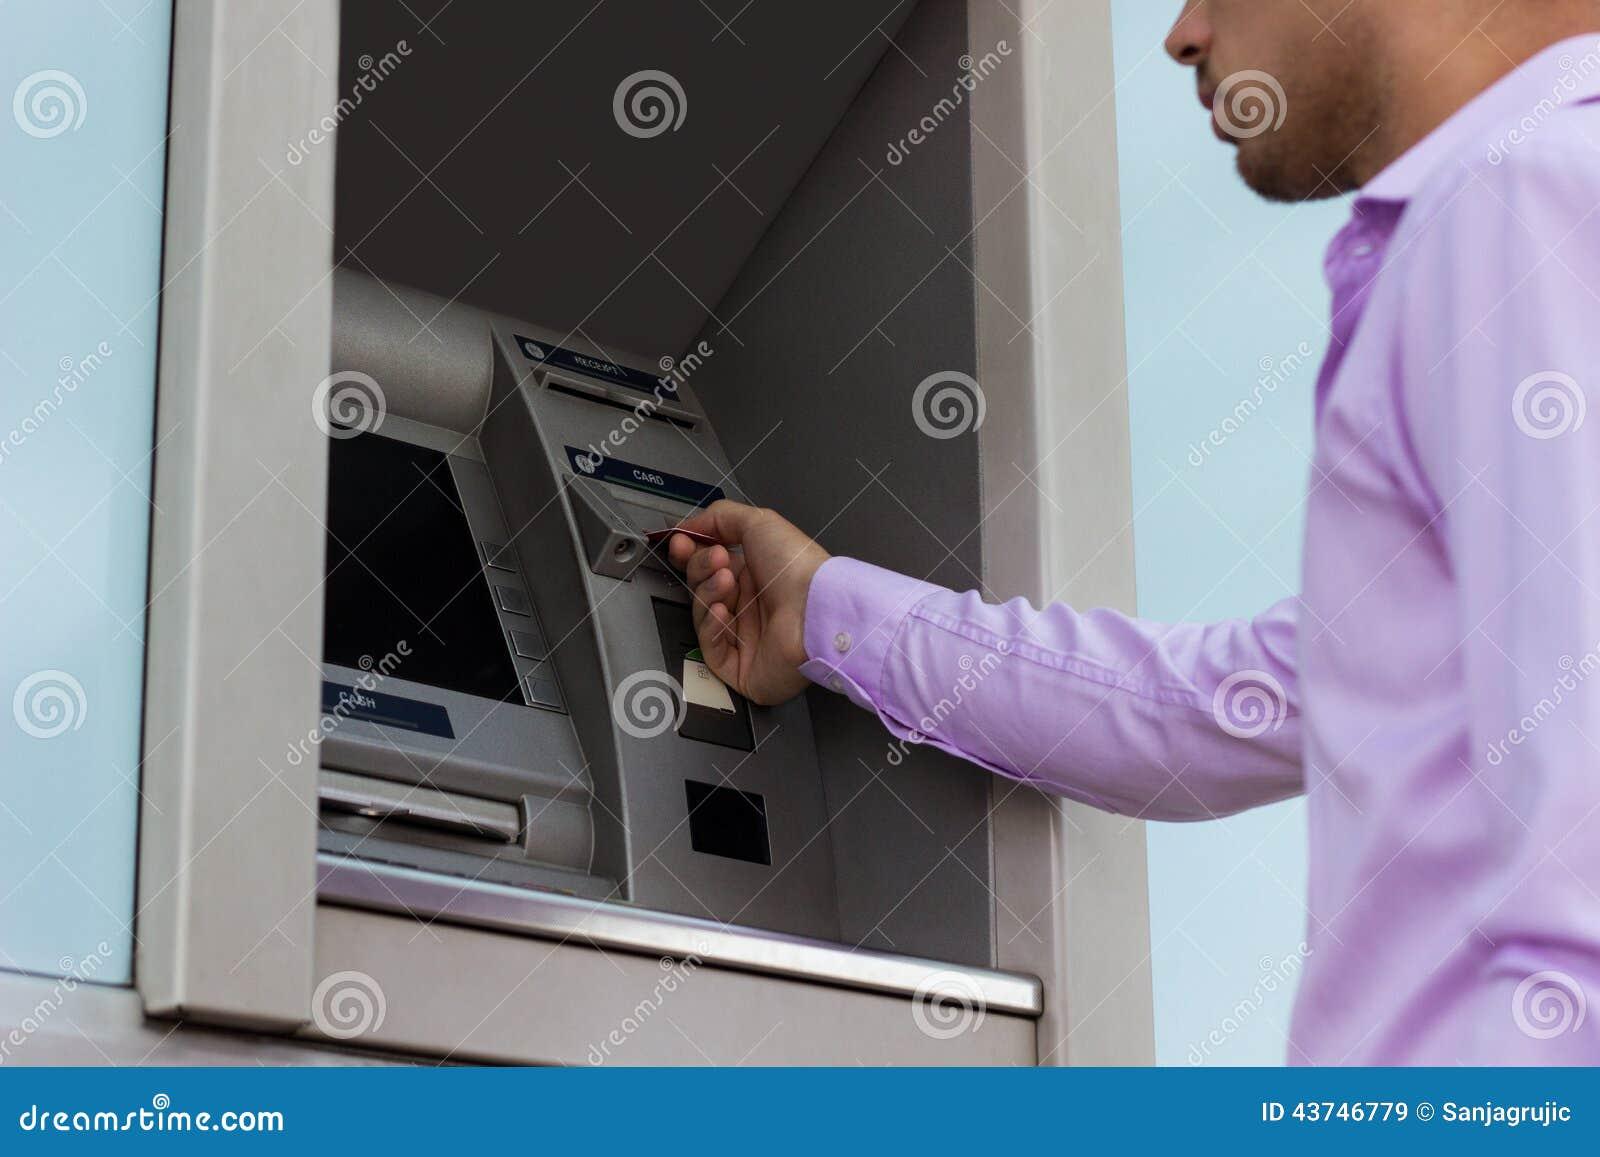 sätta in pengar bankomat